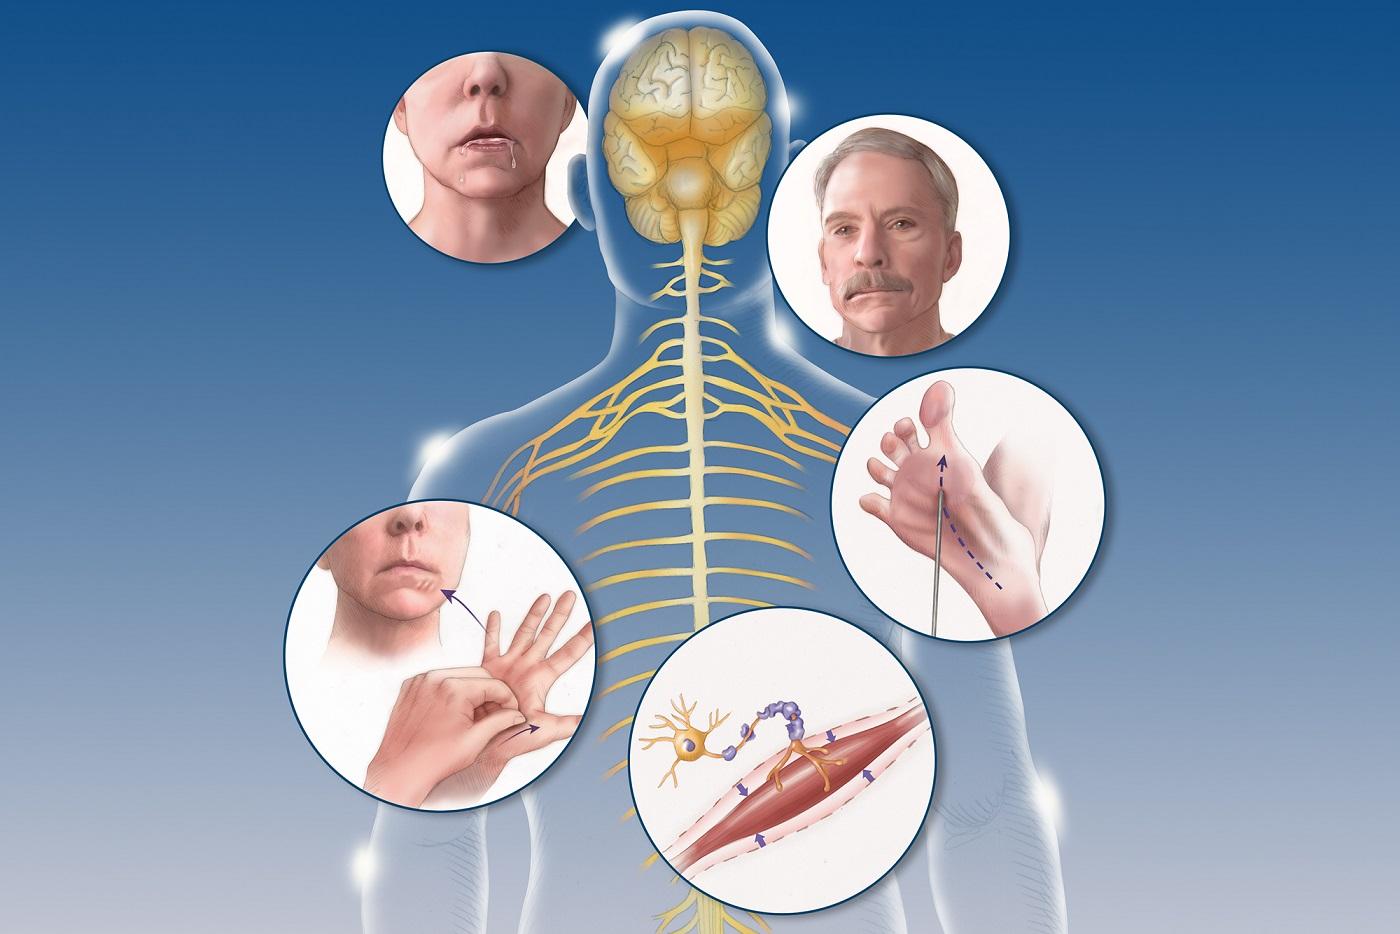 Novartis: Μοναδική αυτοχορηγούμενη θεραπεία για την σκλήρυνση κατά πλάκας